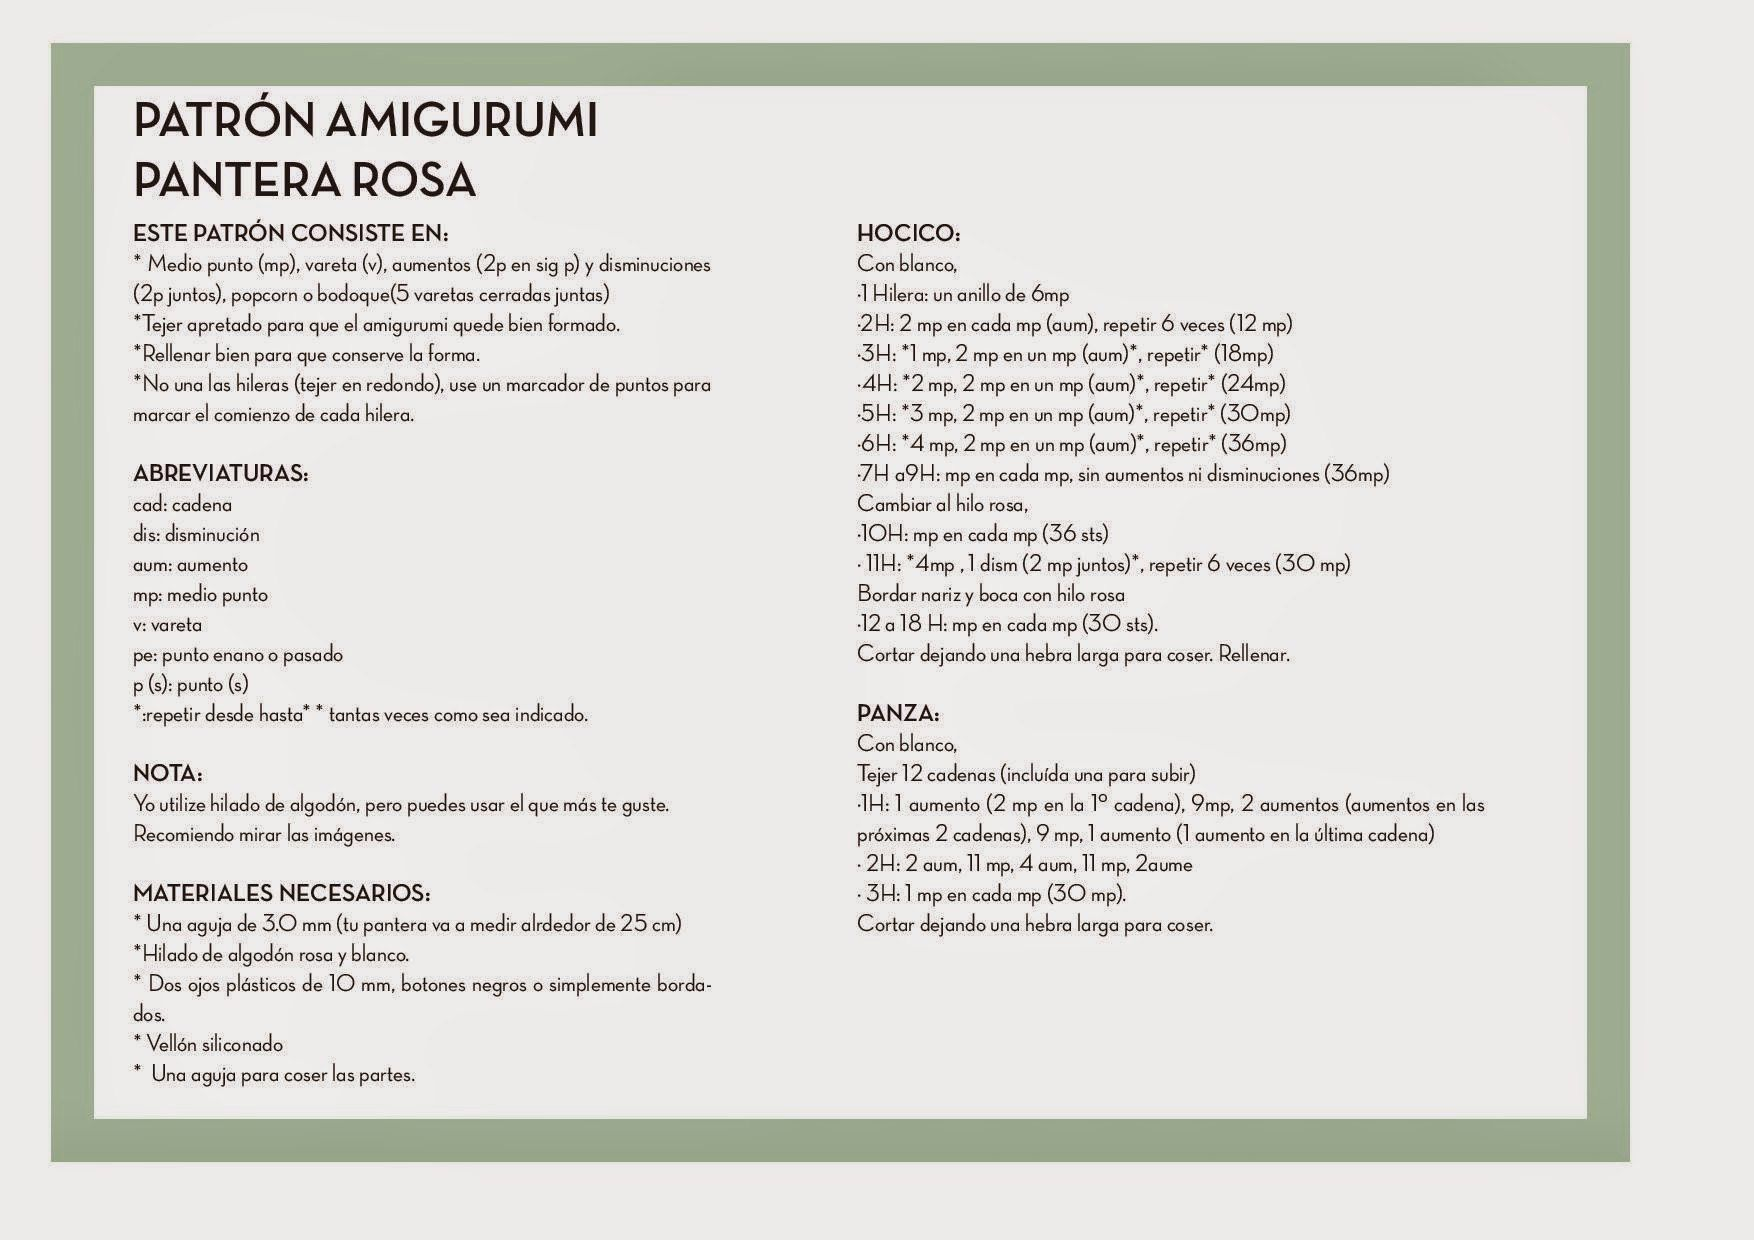 Imágenes en publicaciones de la comunidad | patrones amigurumis ...